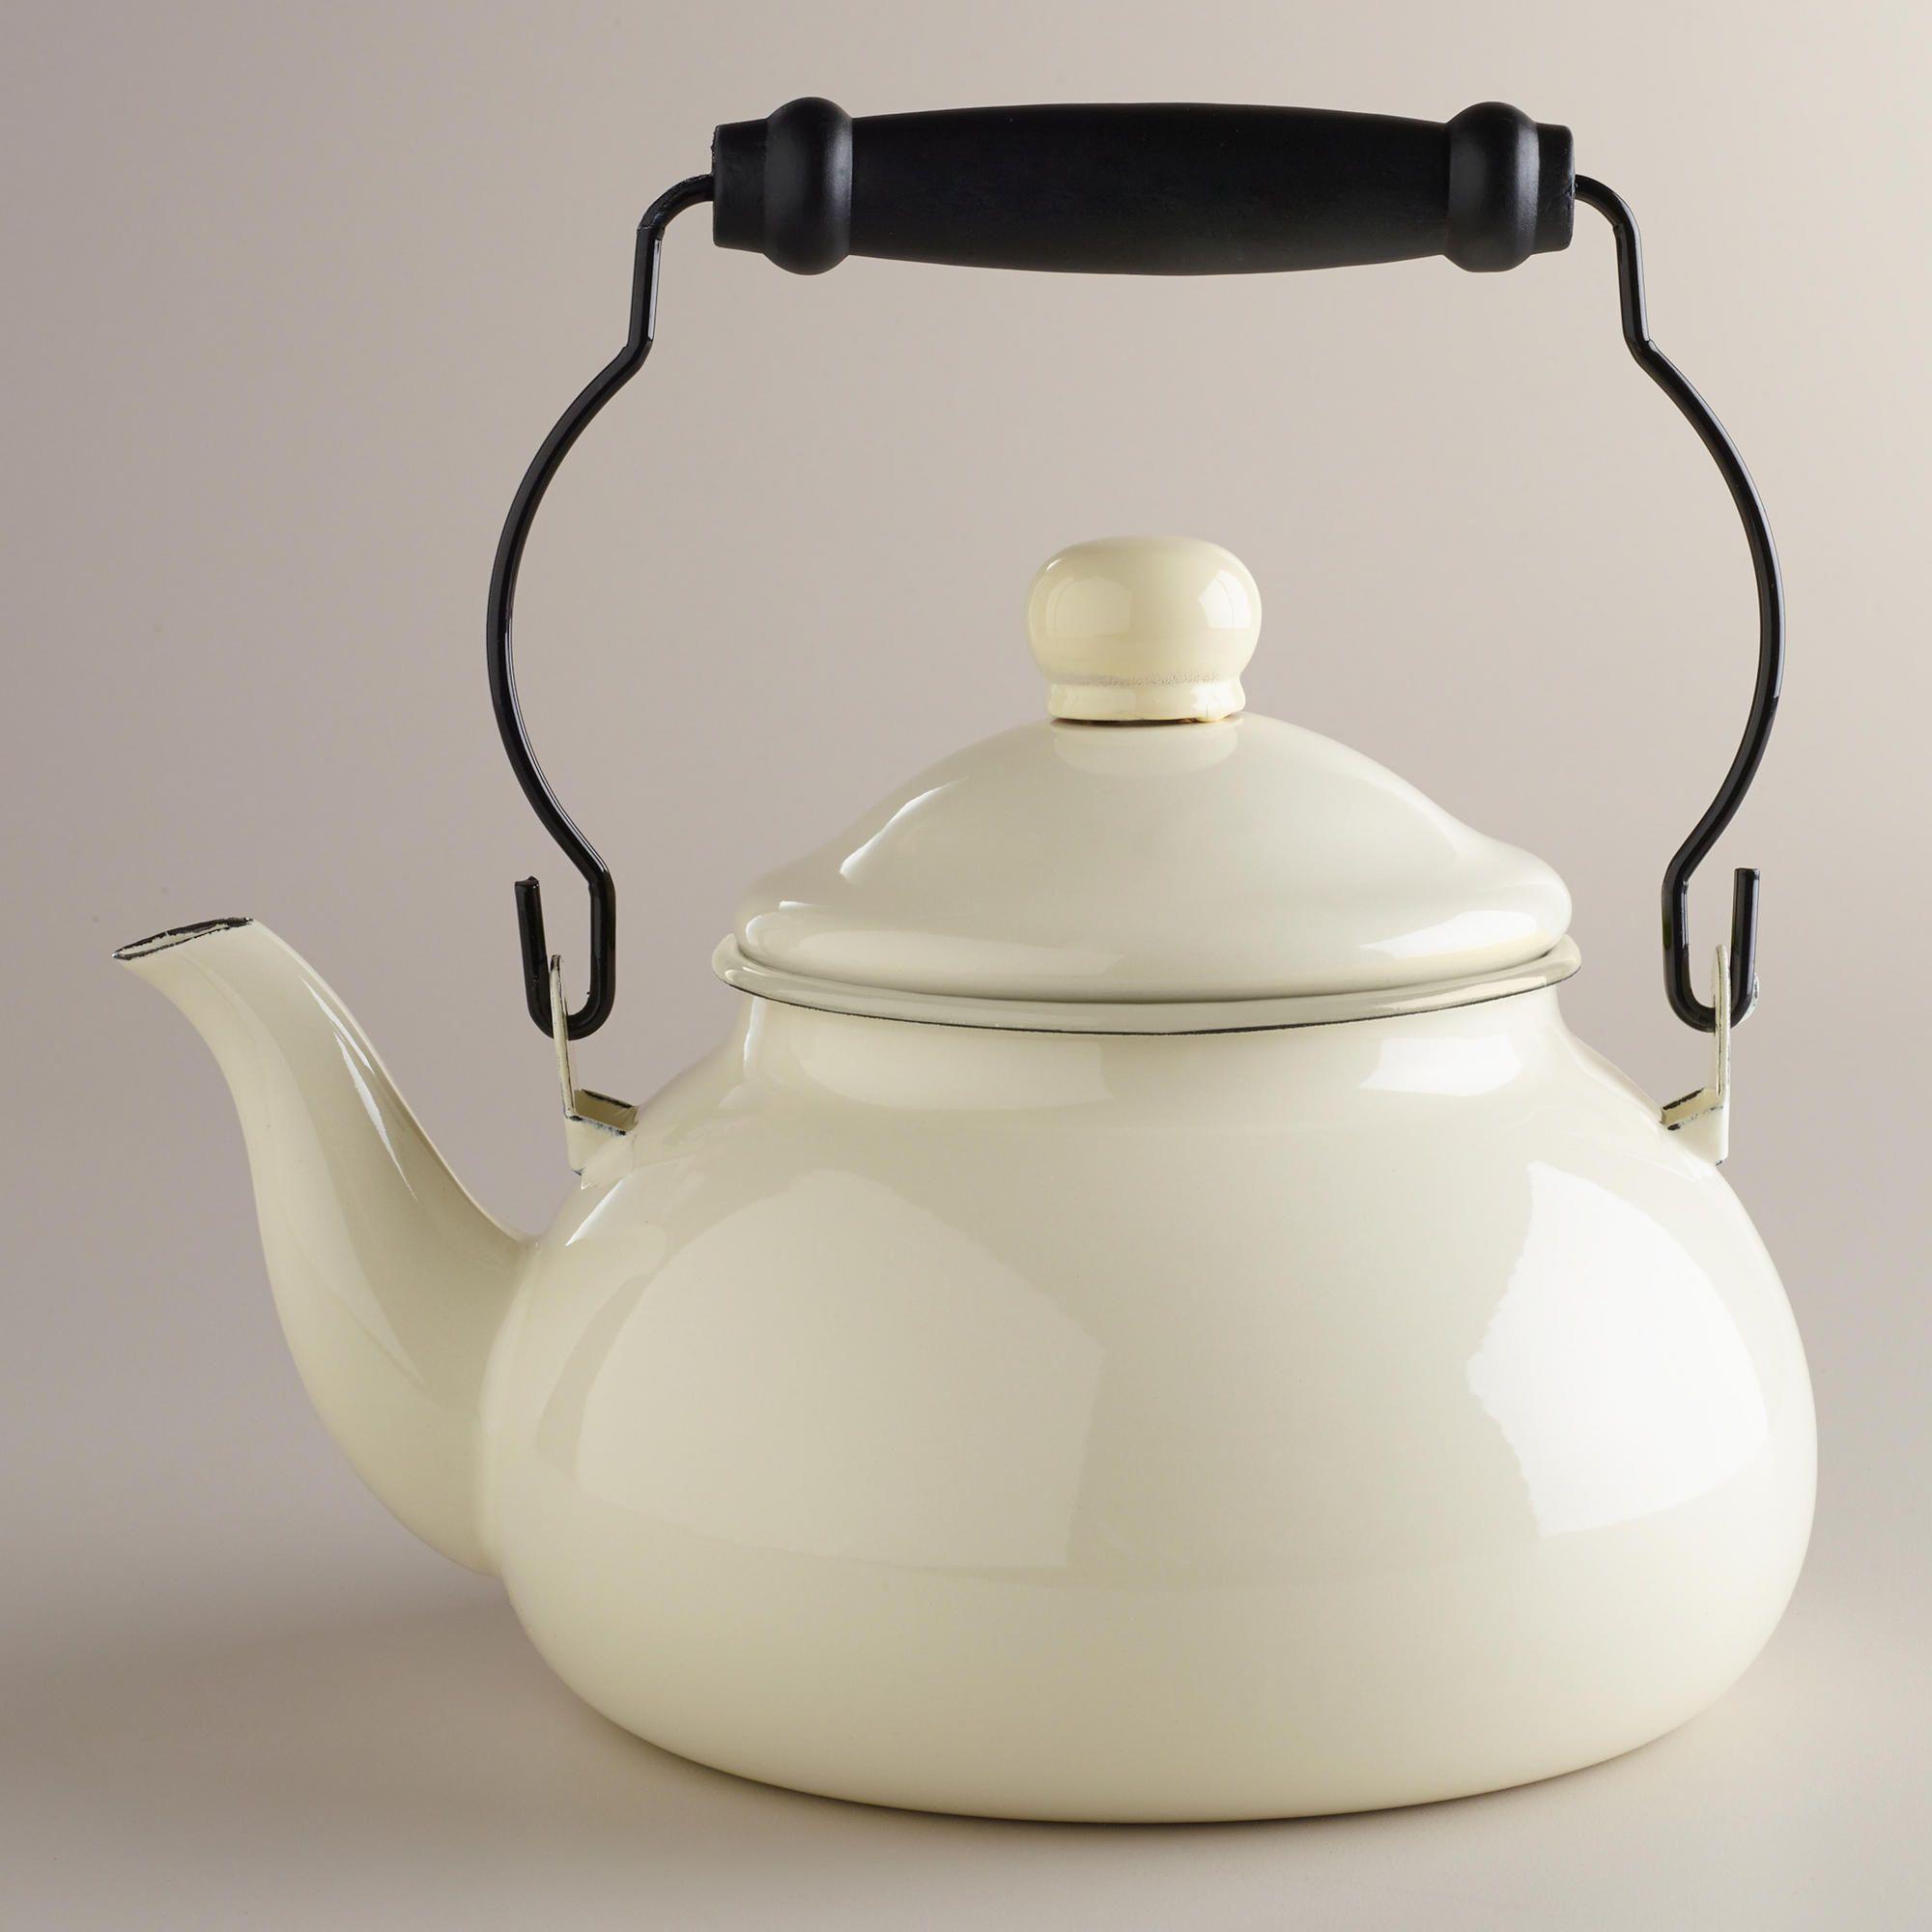 ivory vintage style kettle vintage style vintage and tea kettles